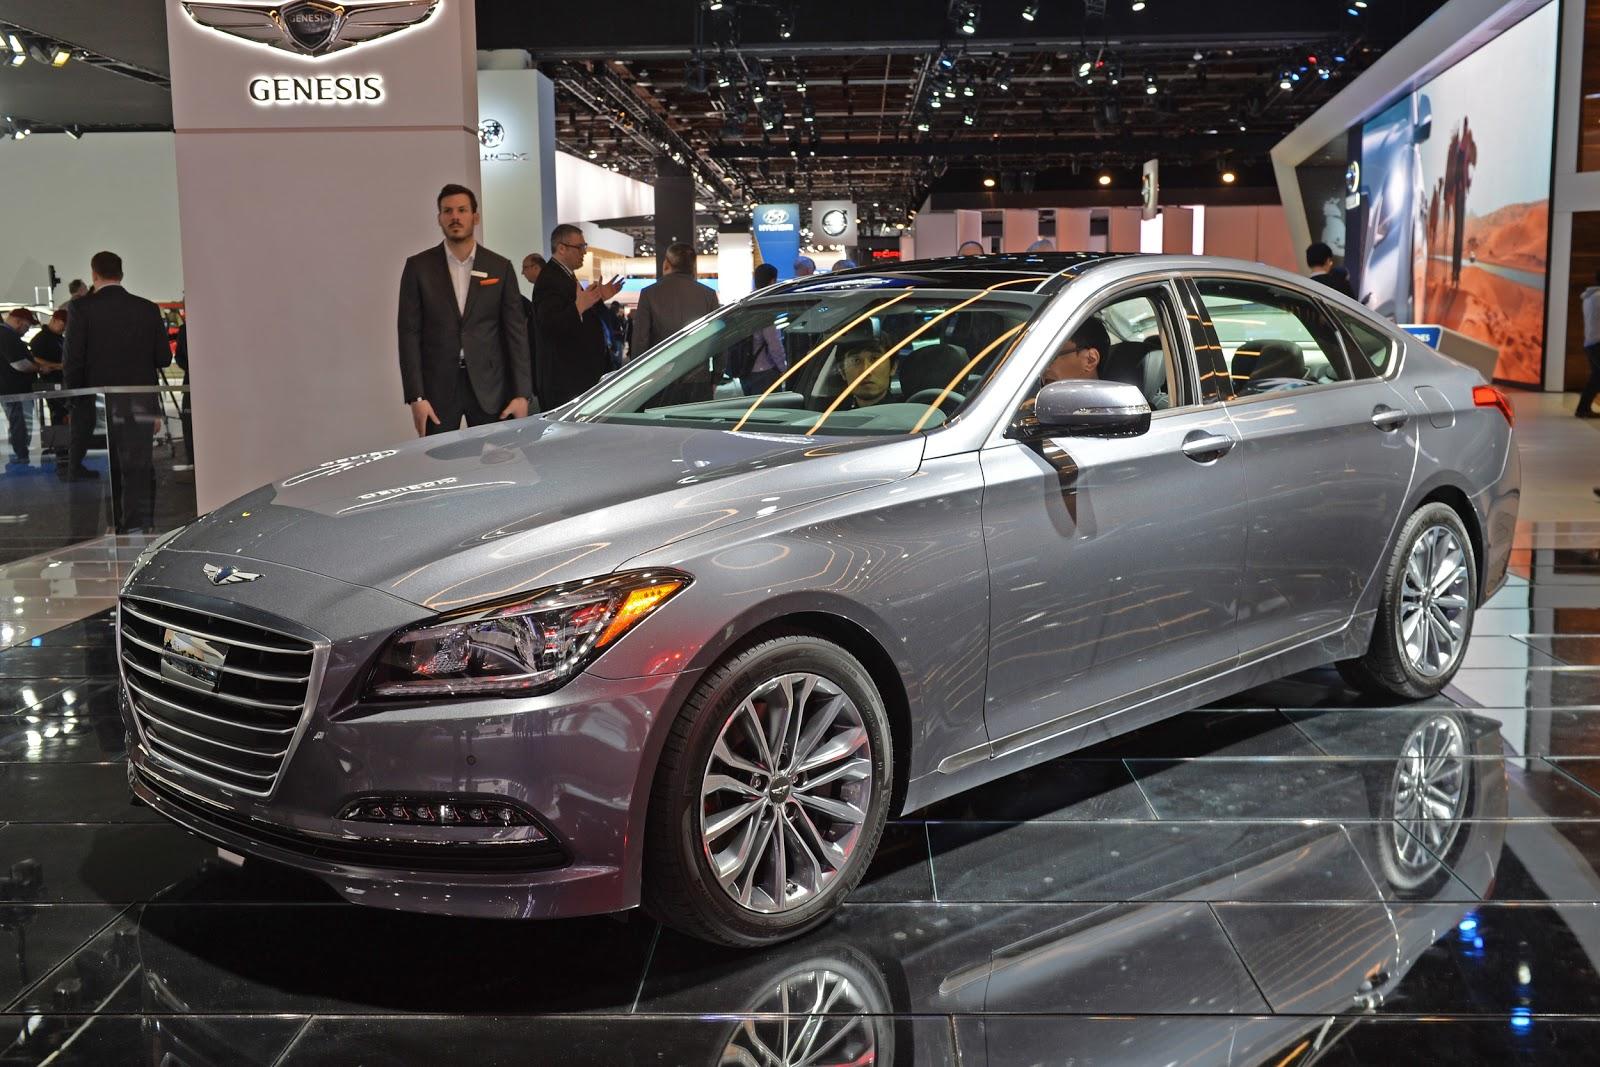 Chiếc xe điện Hyundai Genesis sẽ được xem là phiên bản riêng của chiếc G80